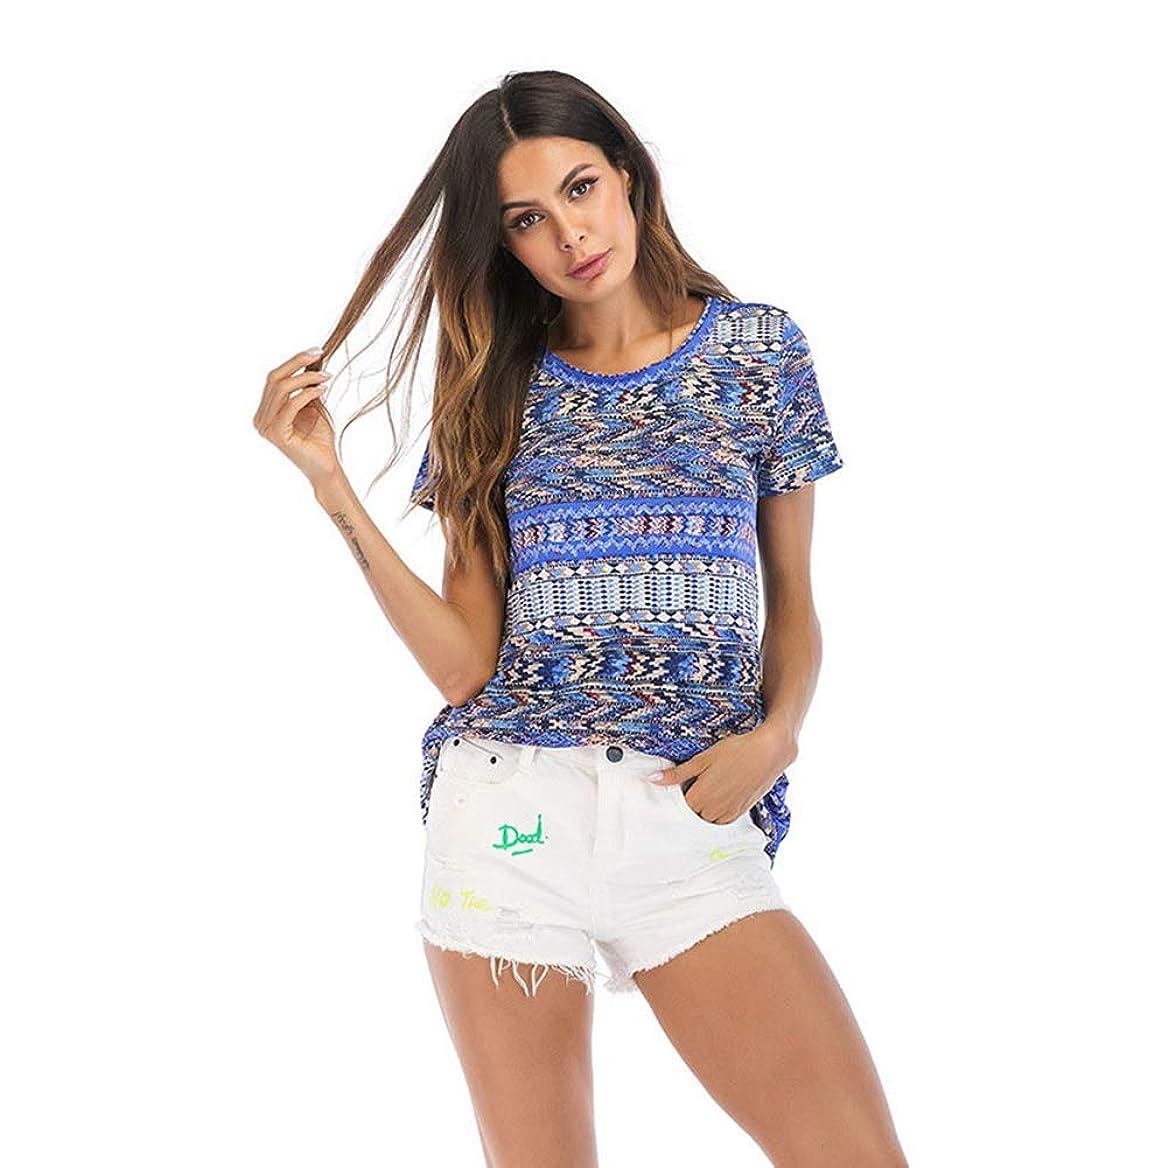 アラブ発疹散髪ナショナルスタイルの夏の女性用半袖、ウエストのデザイン、シンプルでゆったりとした、パーソナライズされた、快適な、大きいサイズの婦人服,XL